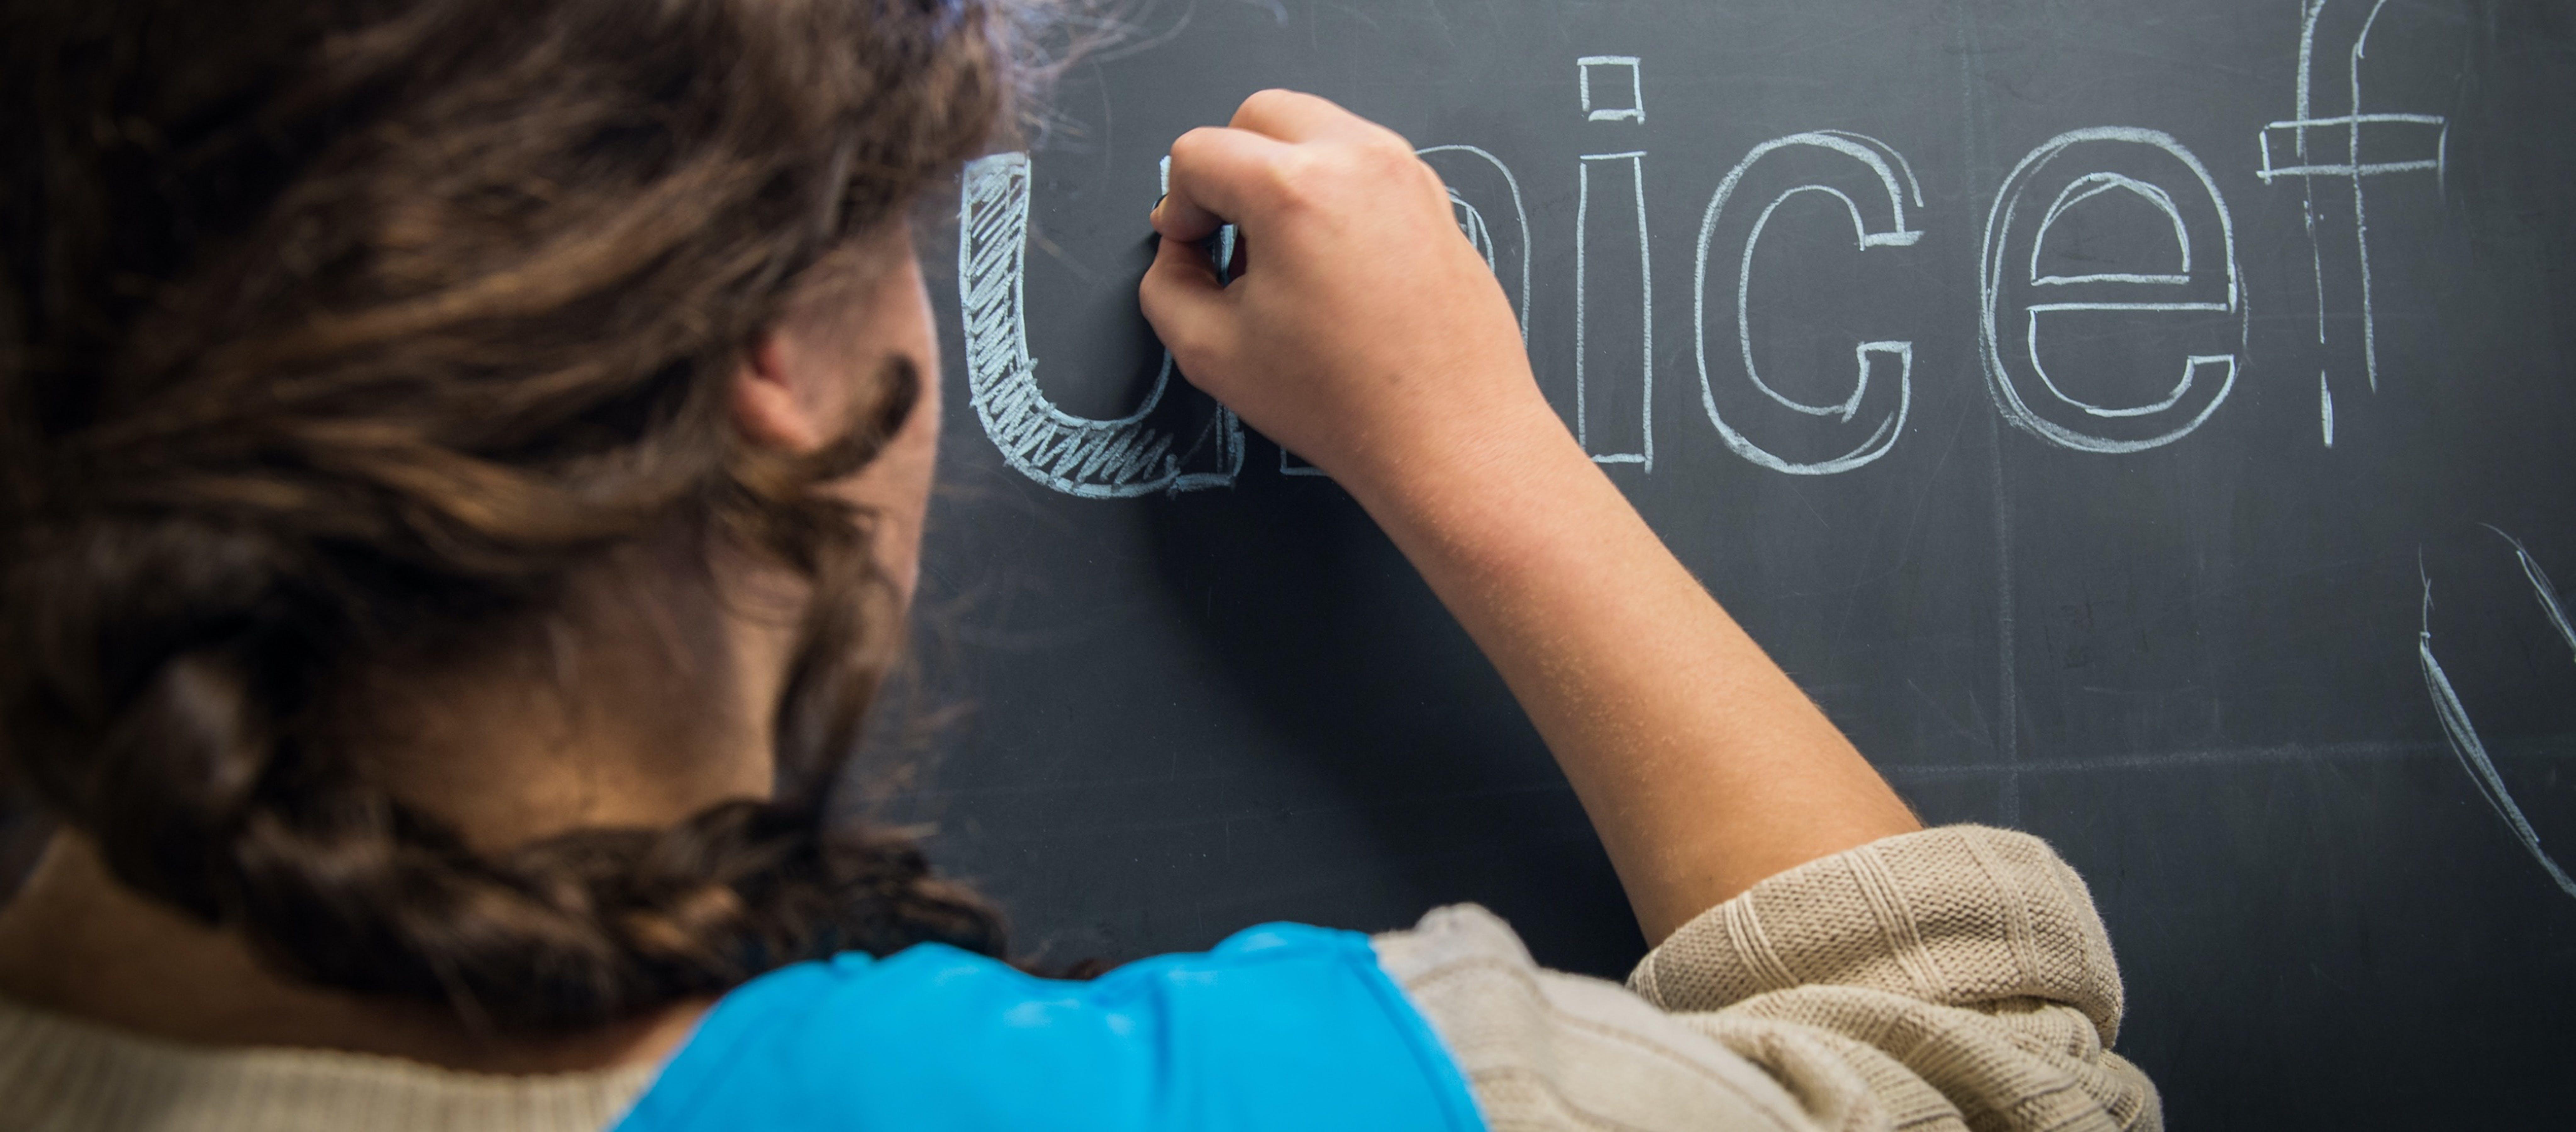 Volontaria disegna alla lavagna il logo UNICEF